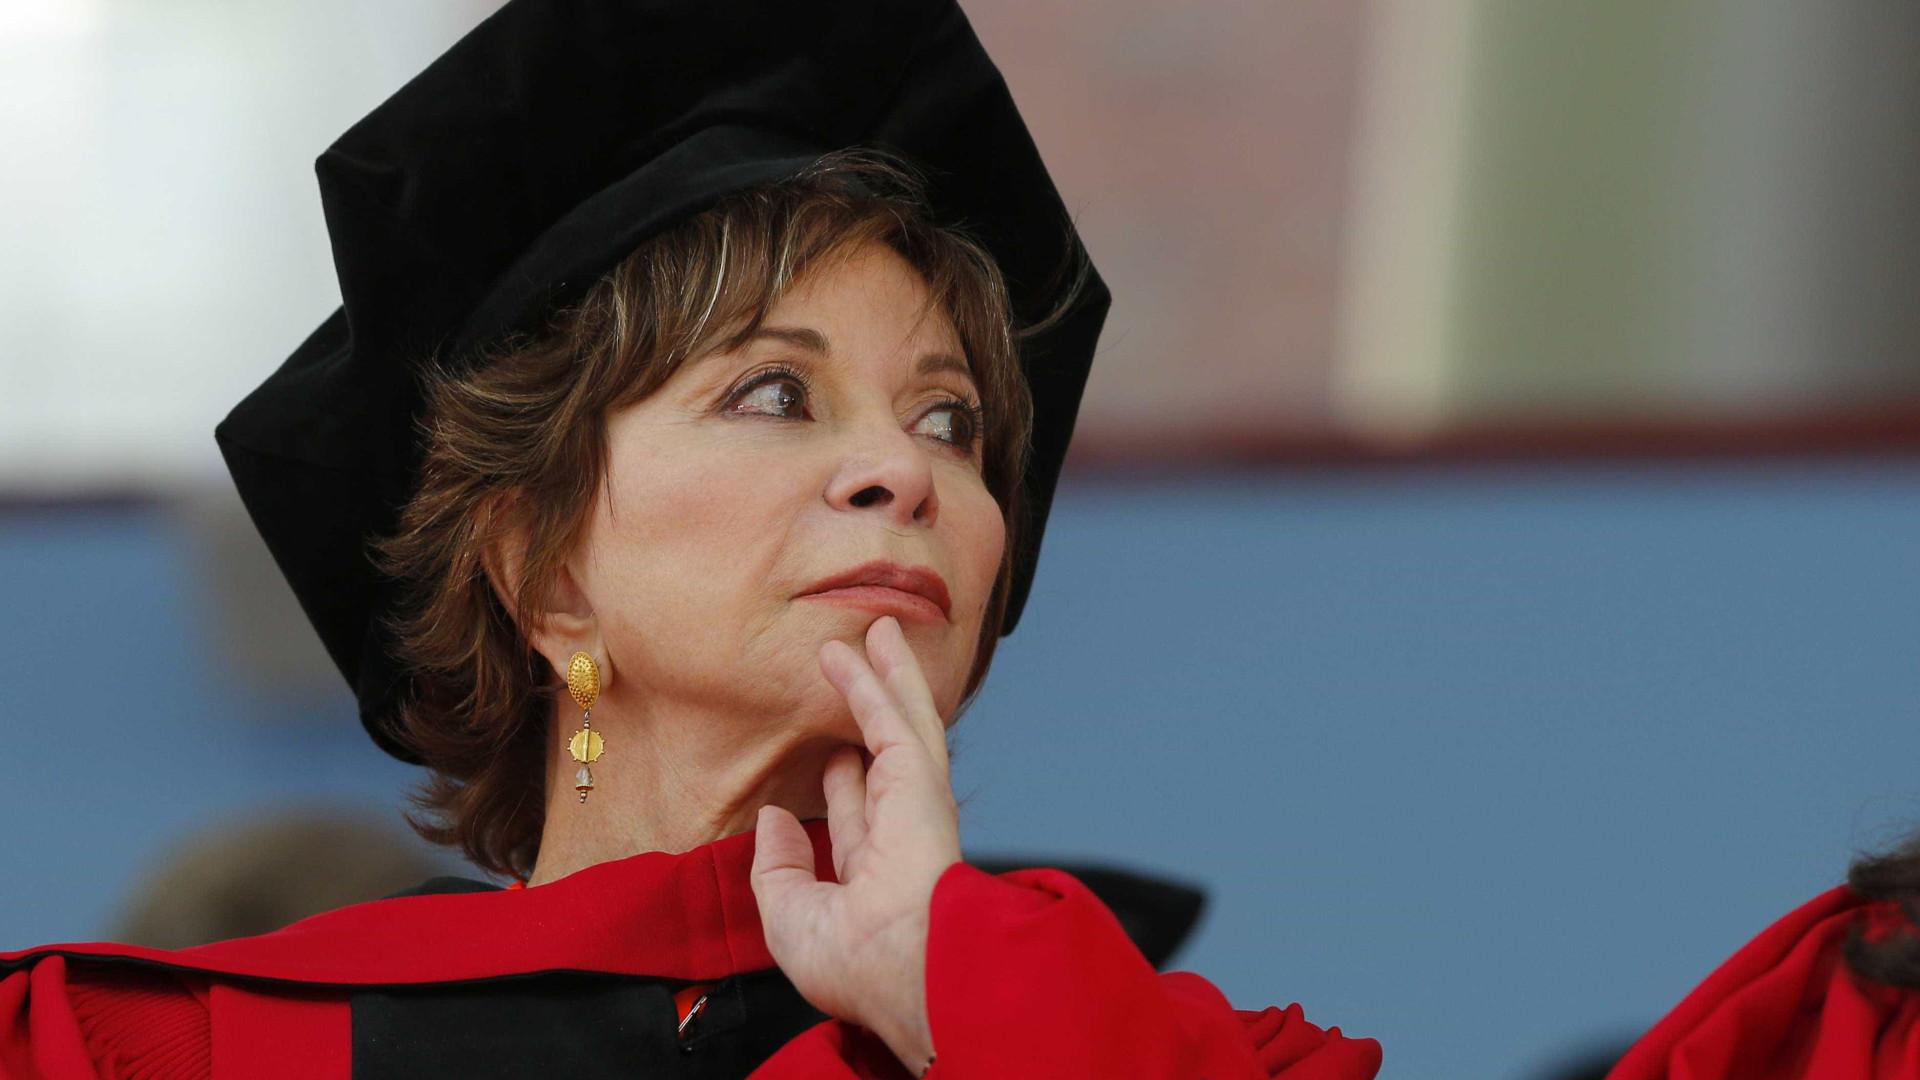 Literatura em Viagem decorre via online com Isabel Allende e Agualusa